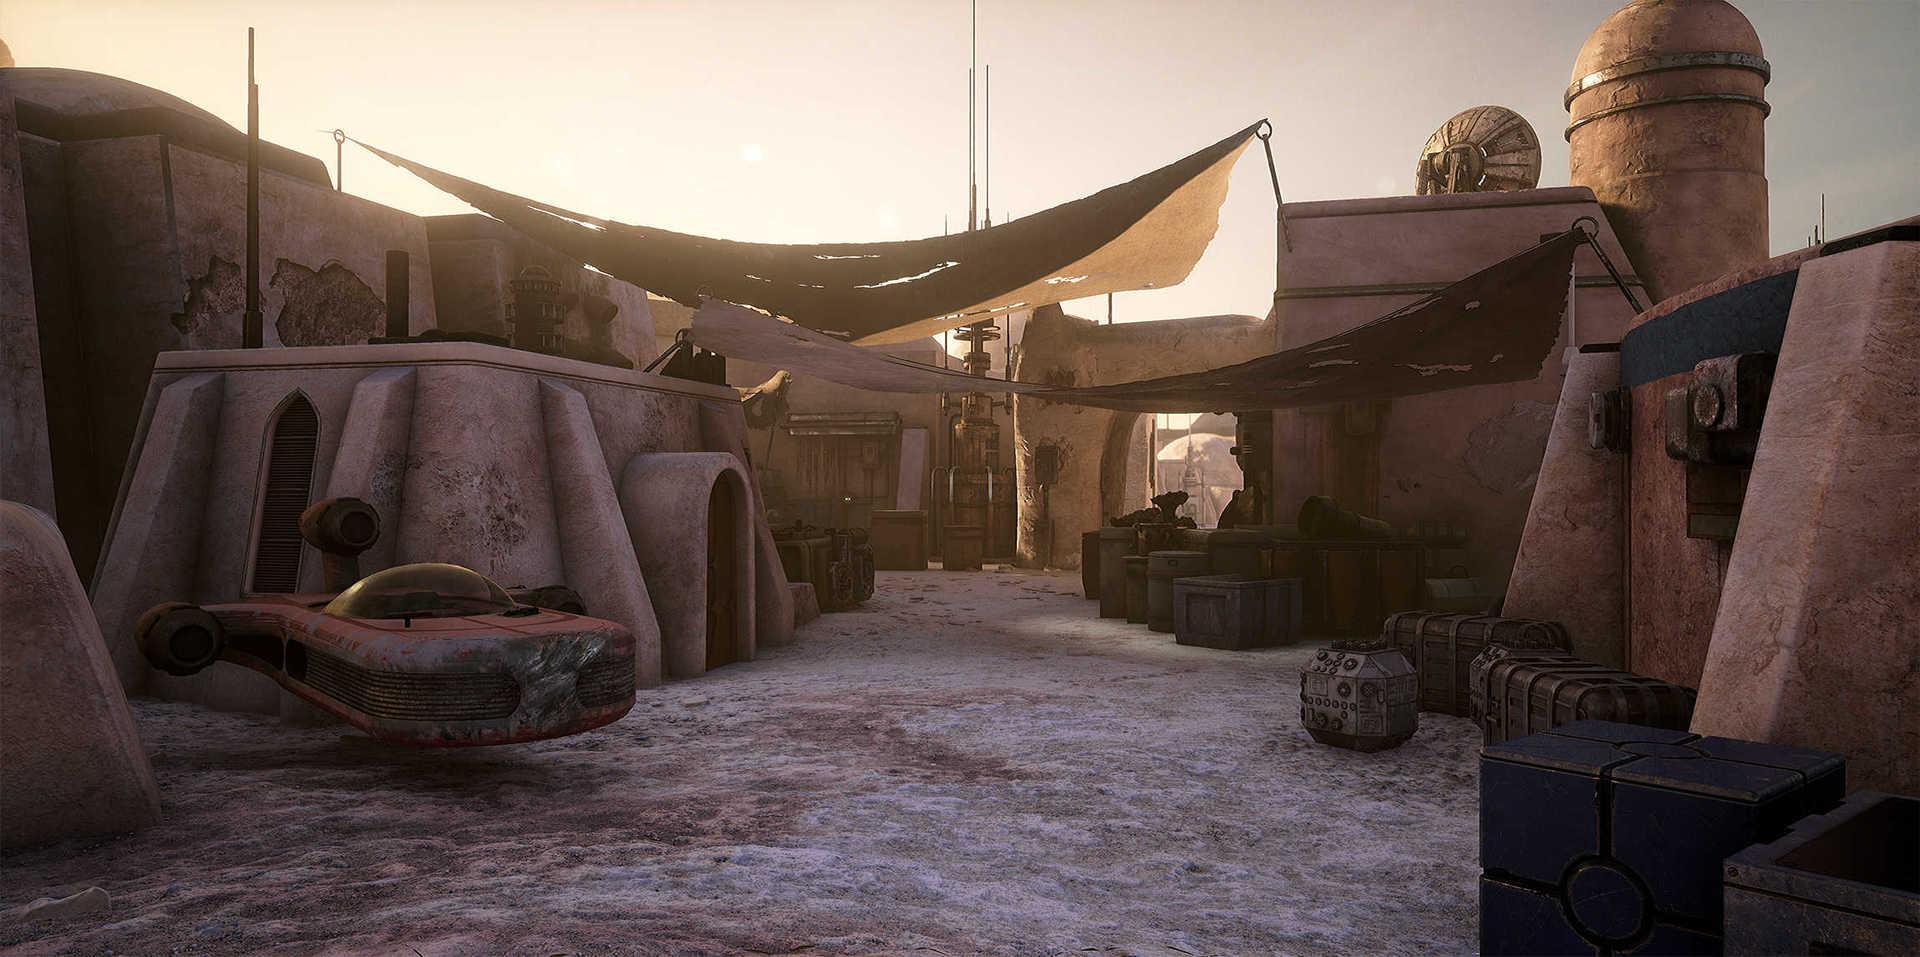 Создание сцены из Star Wars в Unreal Engine 4 - 6